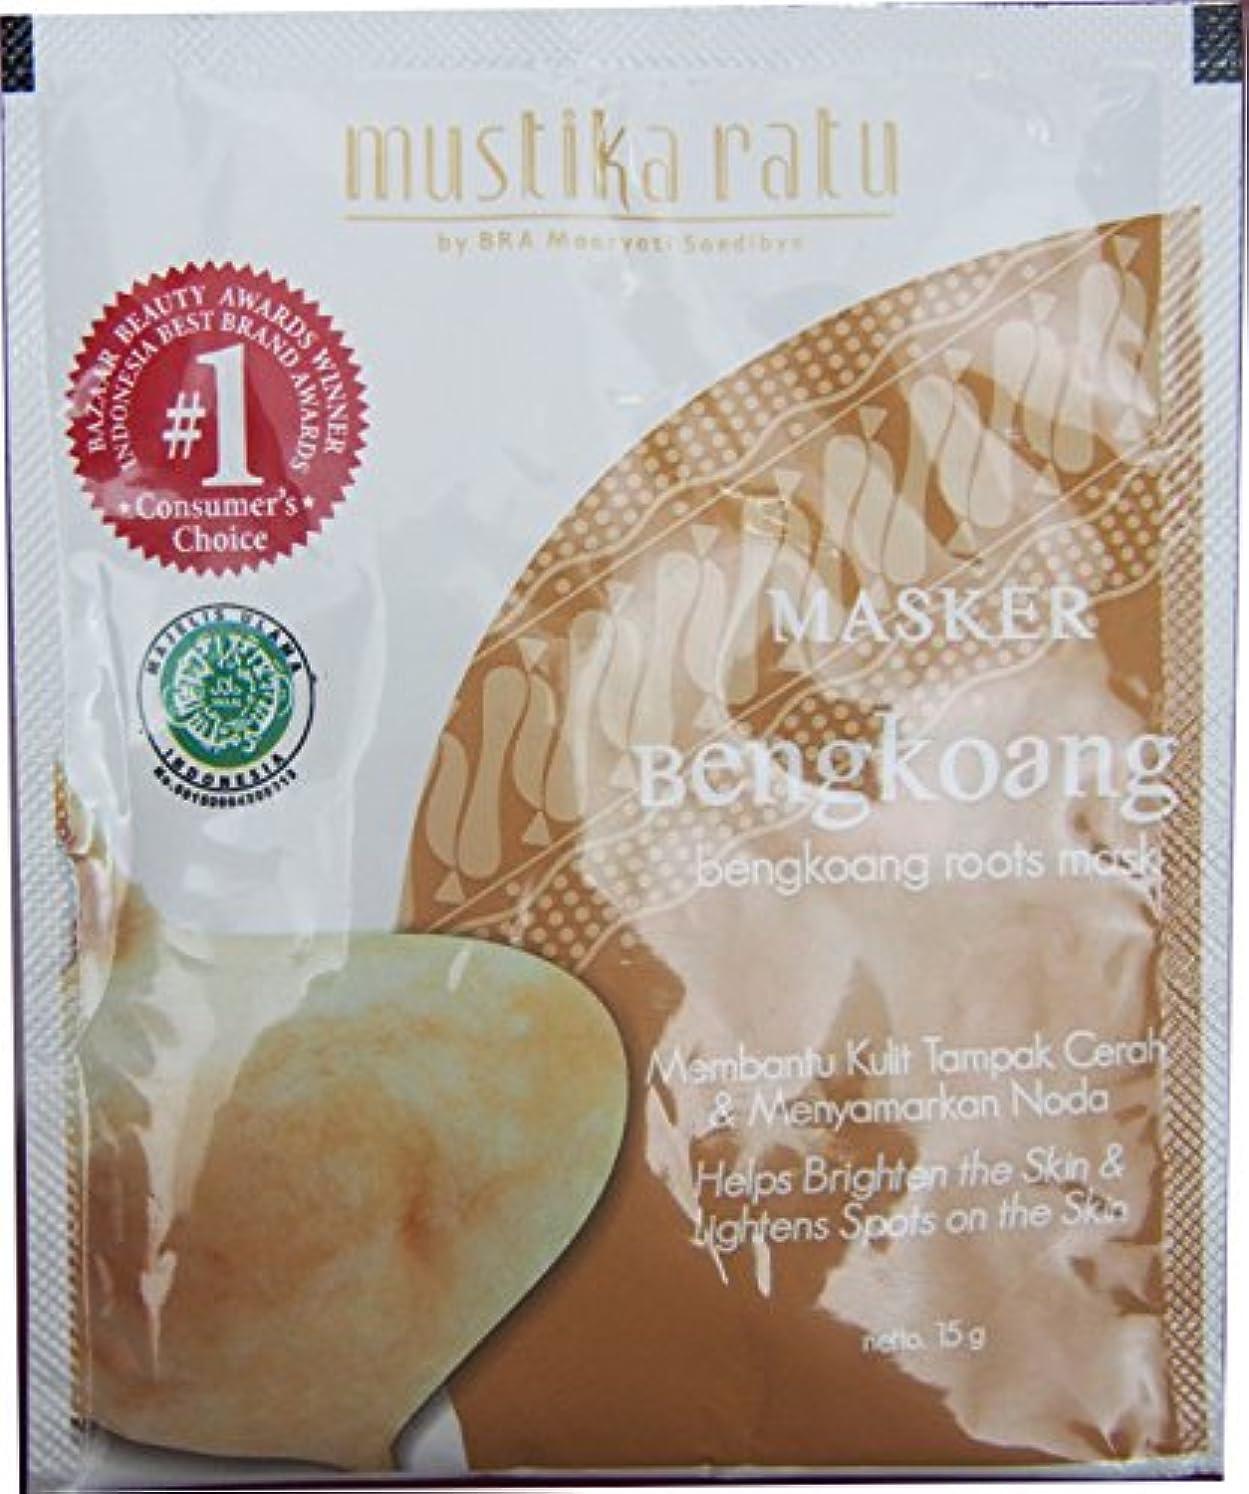 急行する過ち命令Masker Bengkoang bengkoangのルーツは/マスク - スキンを明るく支援します&スキン上のスポットを明るくし - 10パック